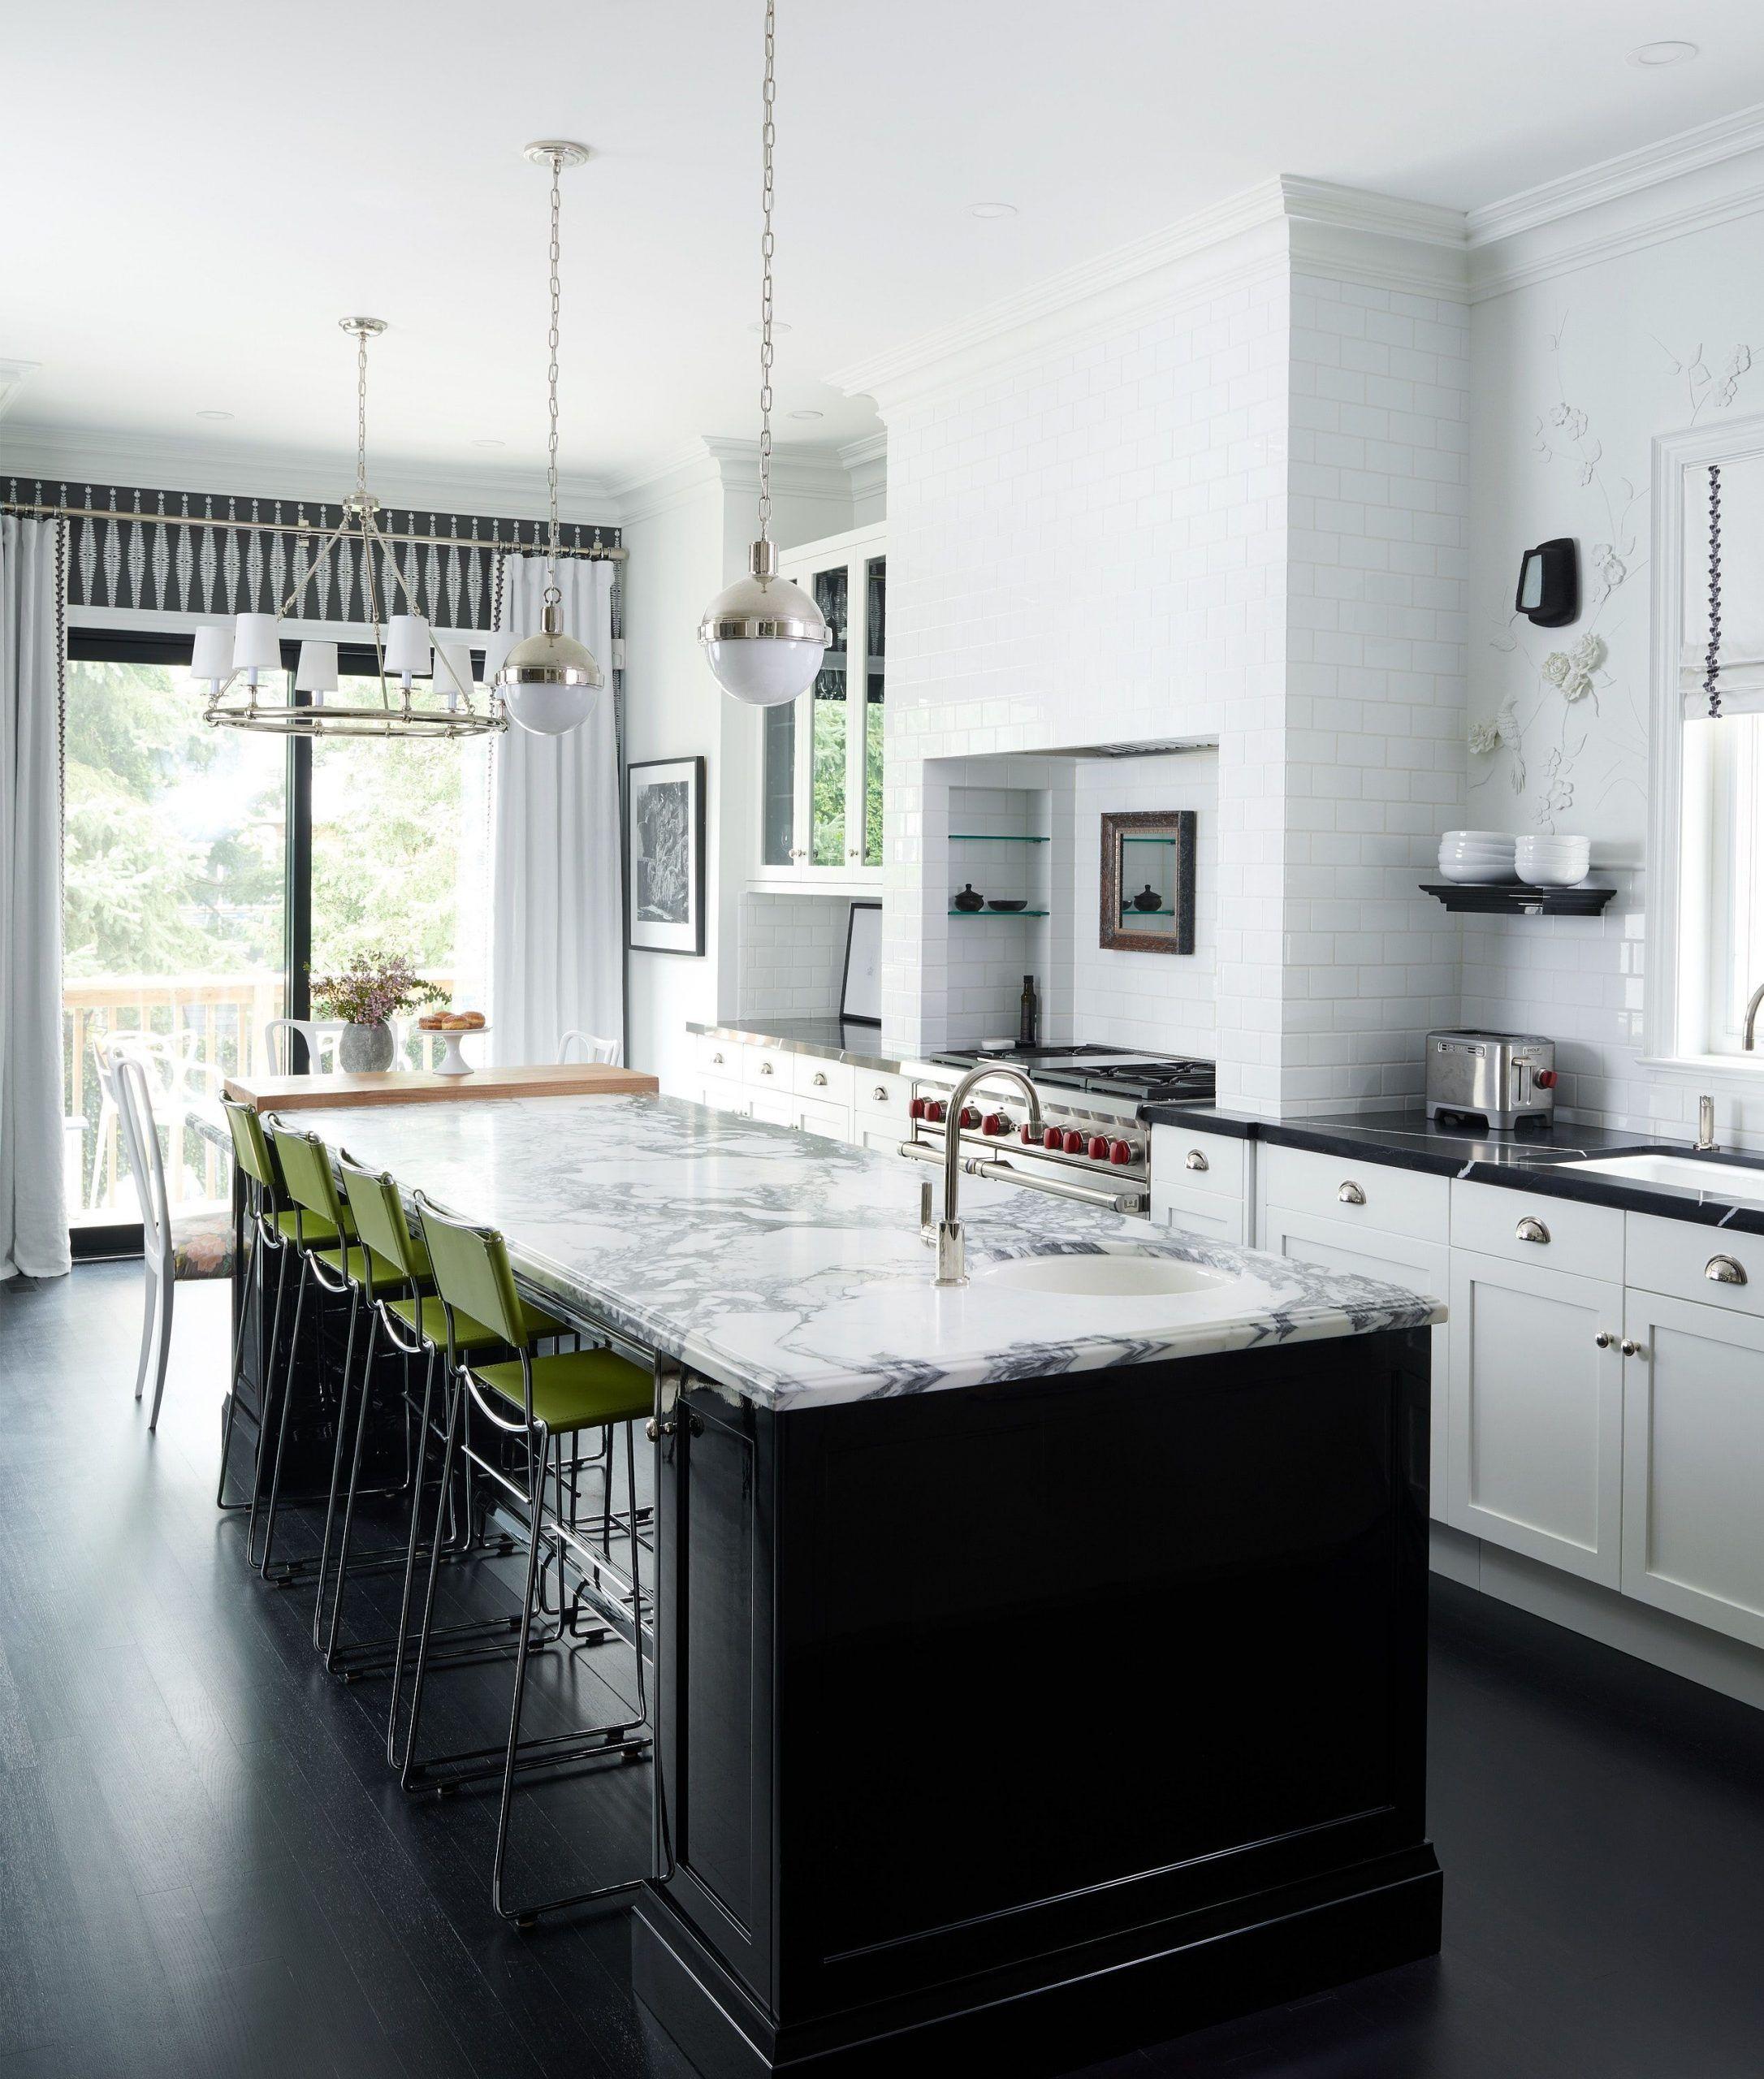 Black Island In White Kitchen Schwarzer Holzboden Marmorplatte Von Estee Design Lookbook Black Wood Floors Black Kitchen Countertops Marble Floor Kitchen White kitchen black island